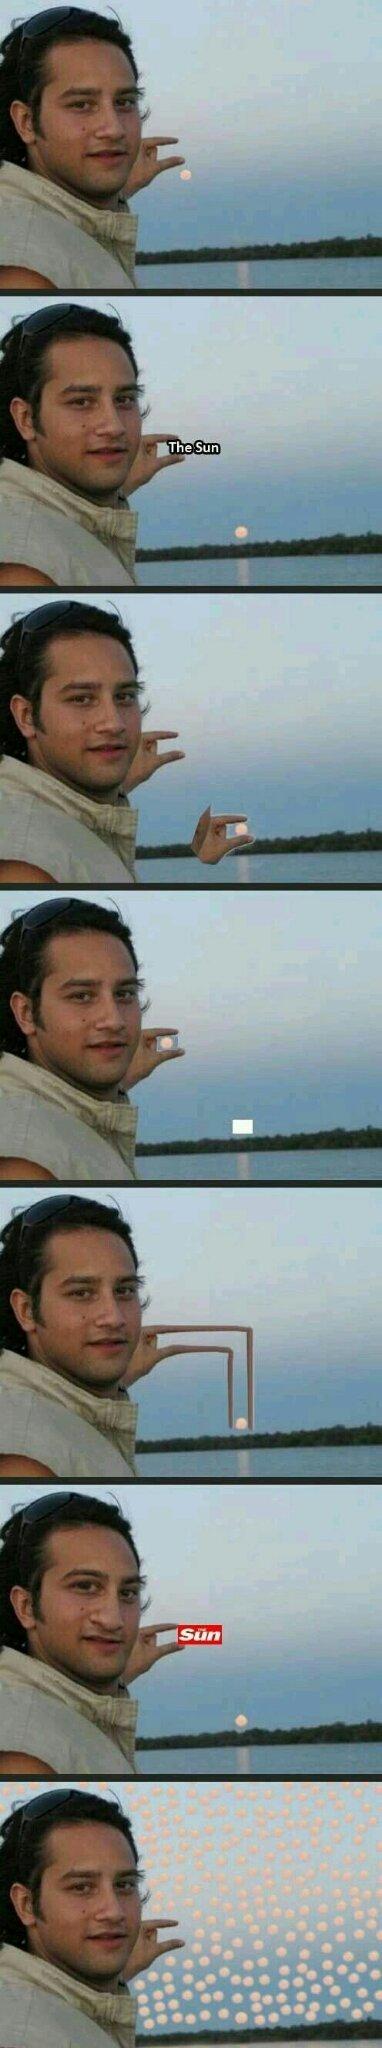 Este cara pediu para arrumar a mão dele de acordo com o sol - meme